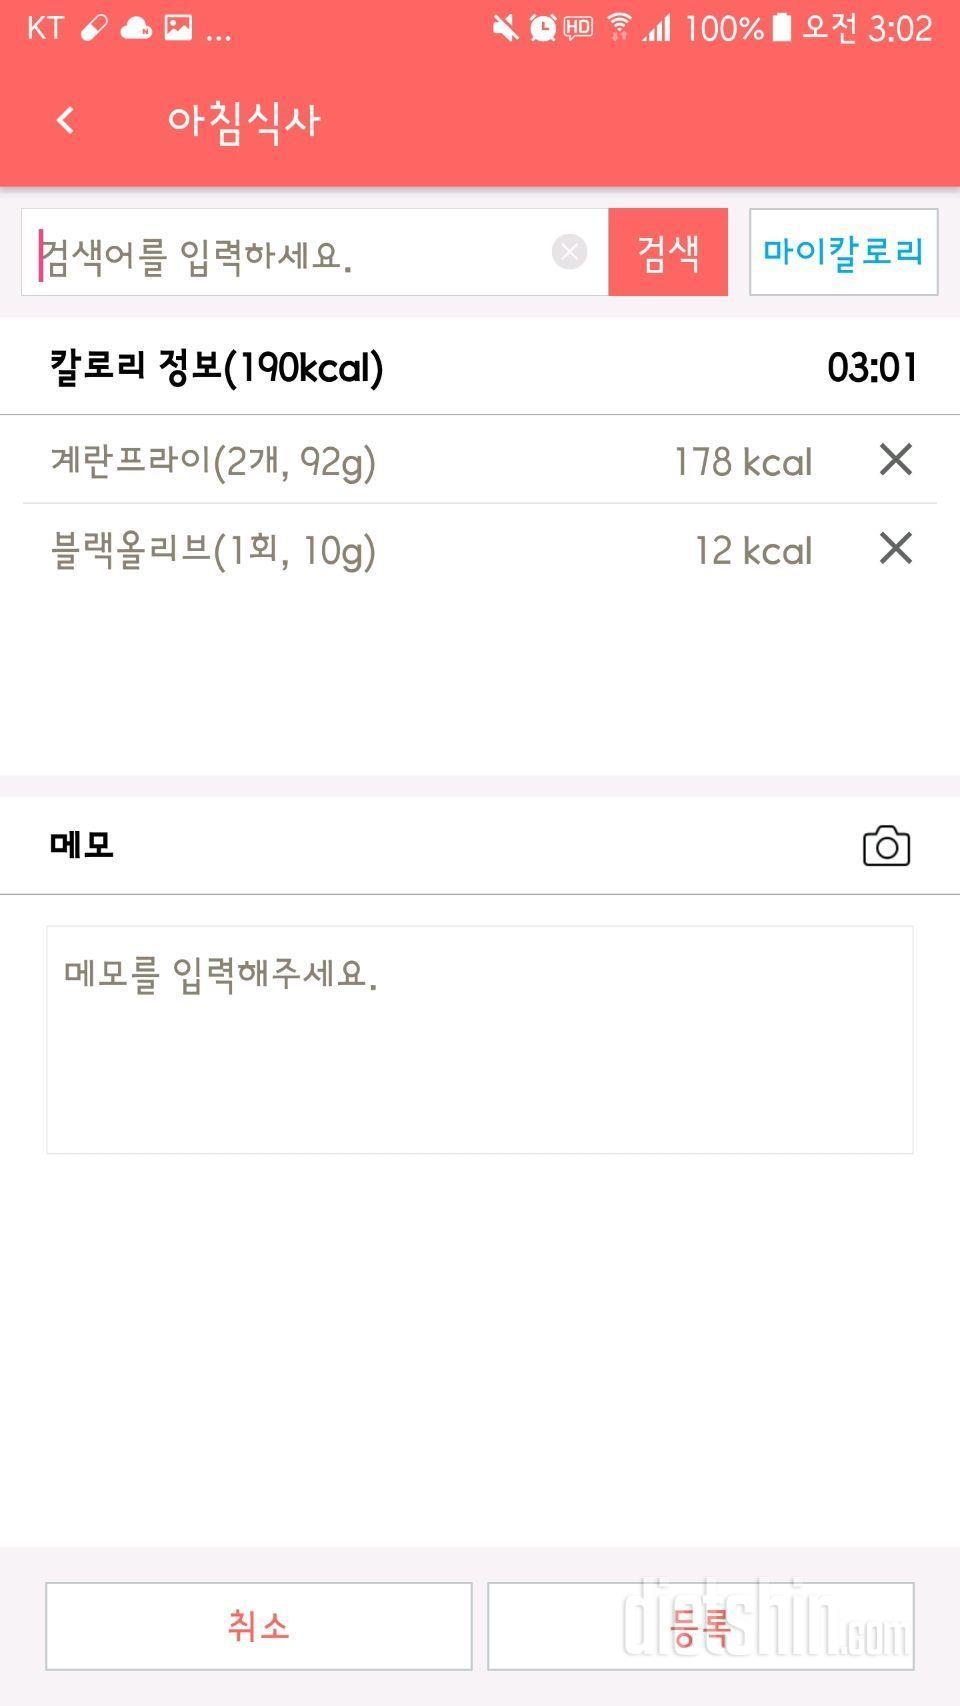 [190Kcal] 초간단 영양만점 달걀블랙올리브마늘❤